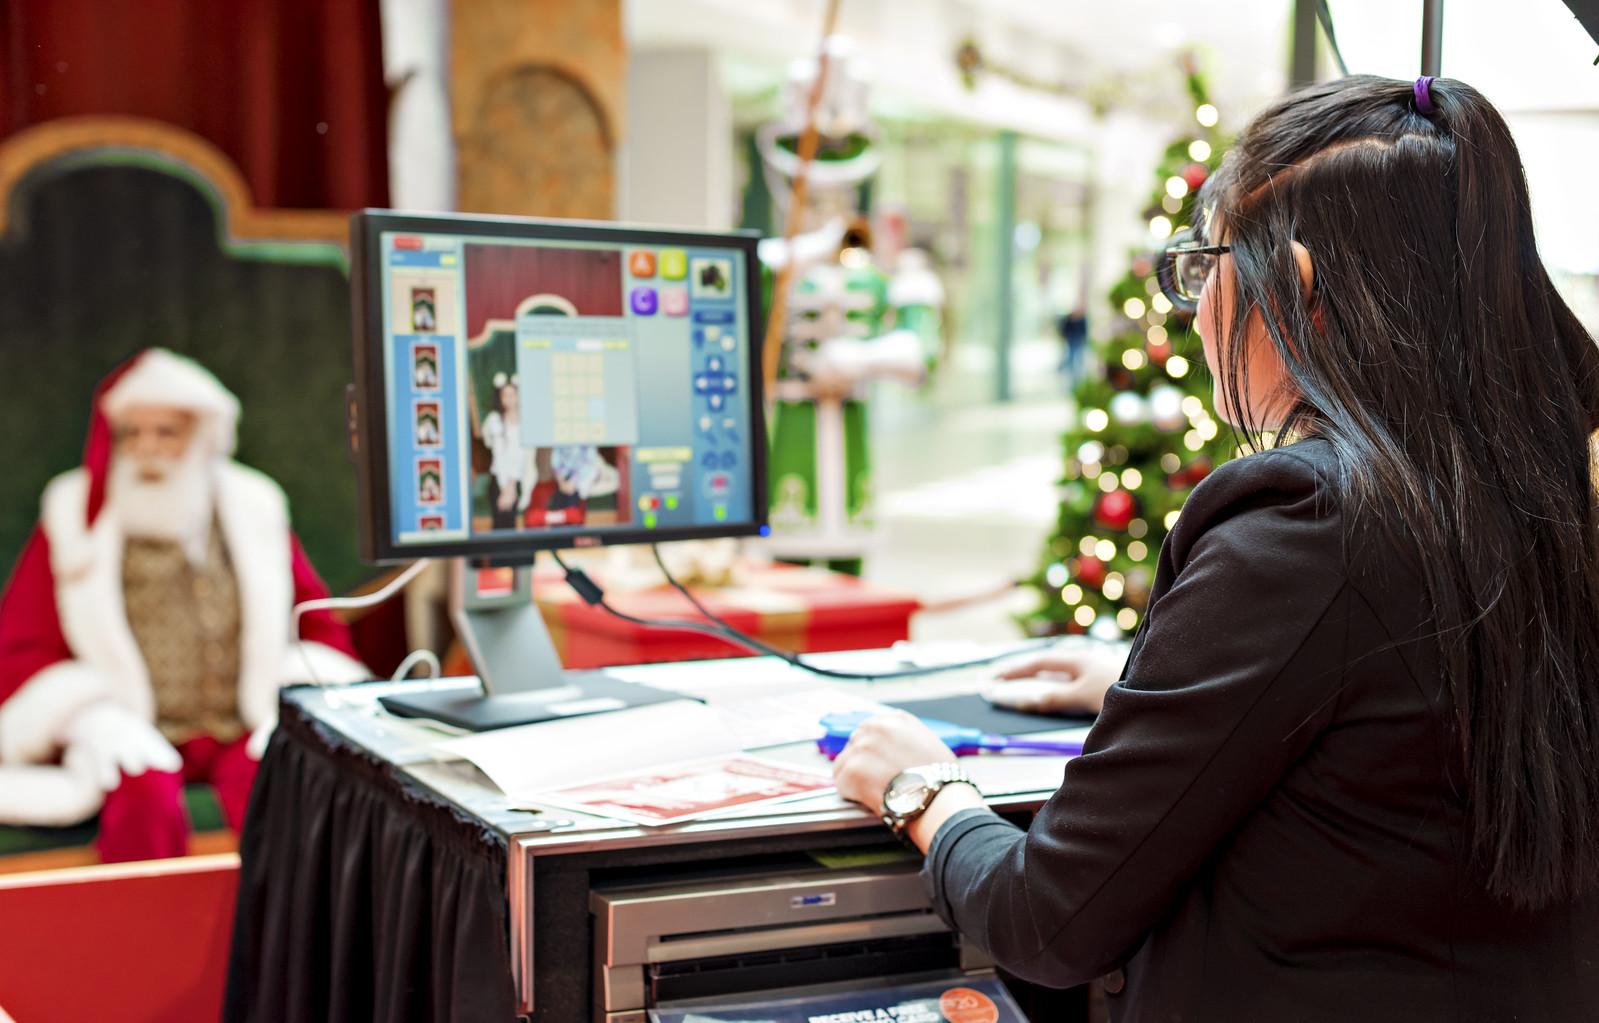 Santa Photo Experience at Ontario Mills